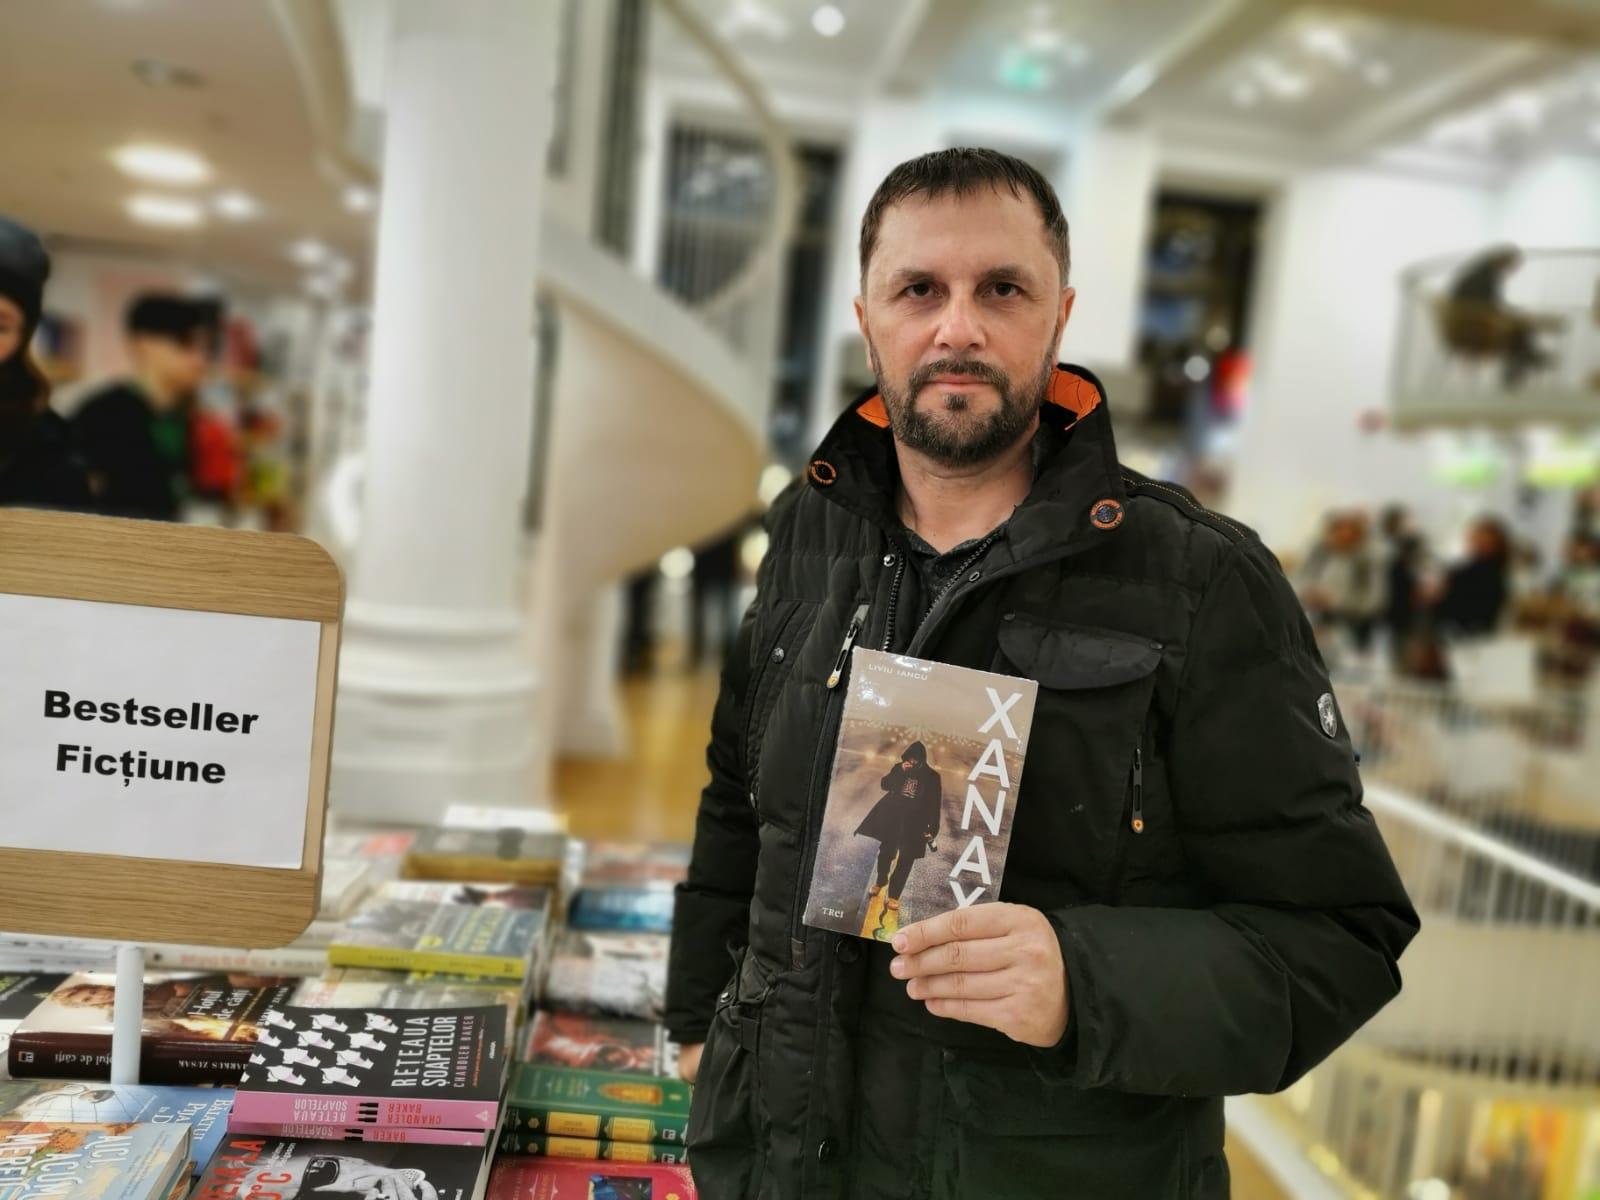 Doliu în presă. Jurnalistul Liviu Iancu, de la Profit.ro, a decedat